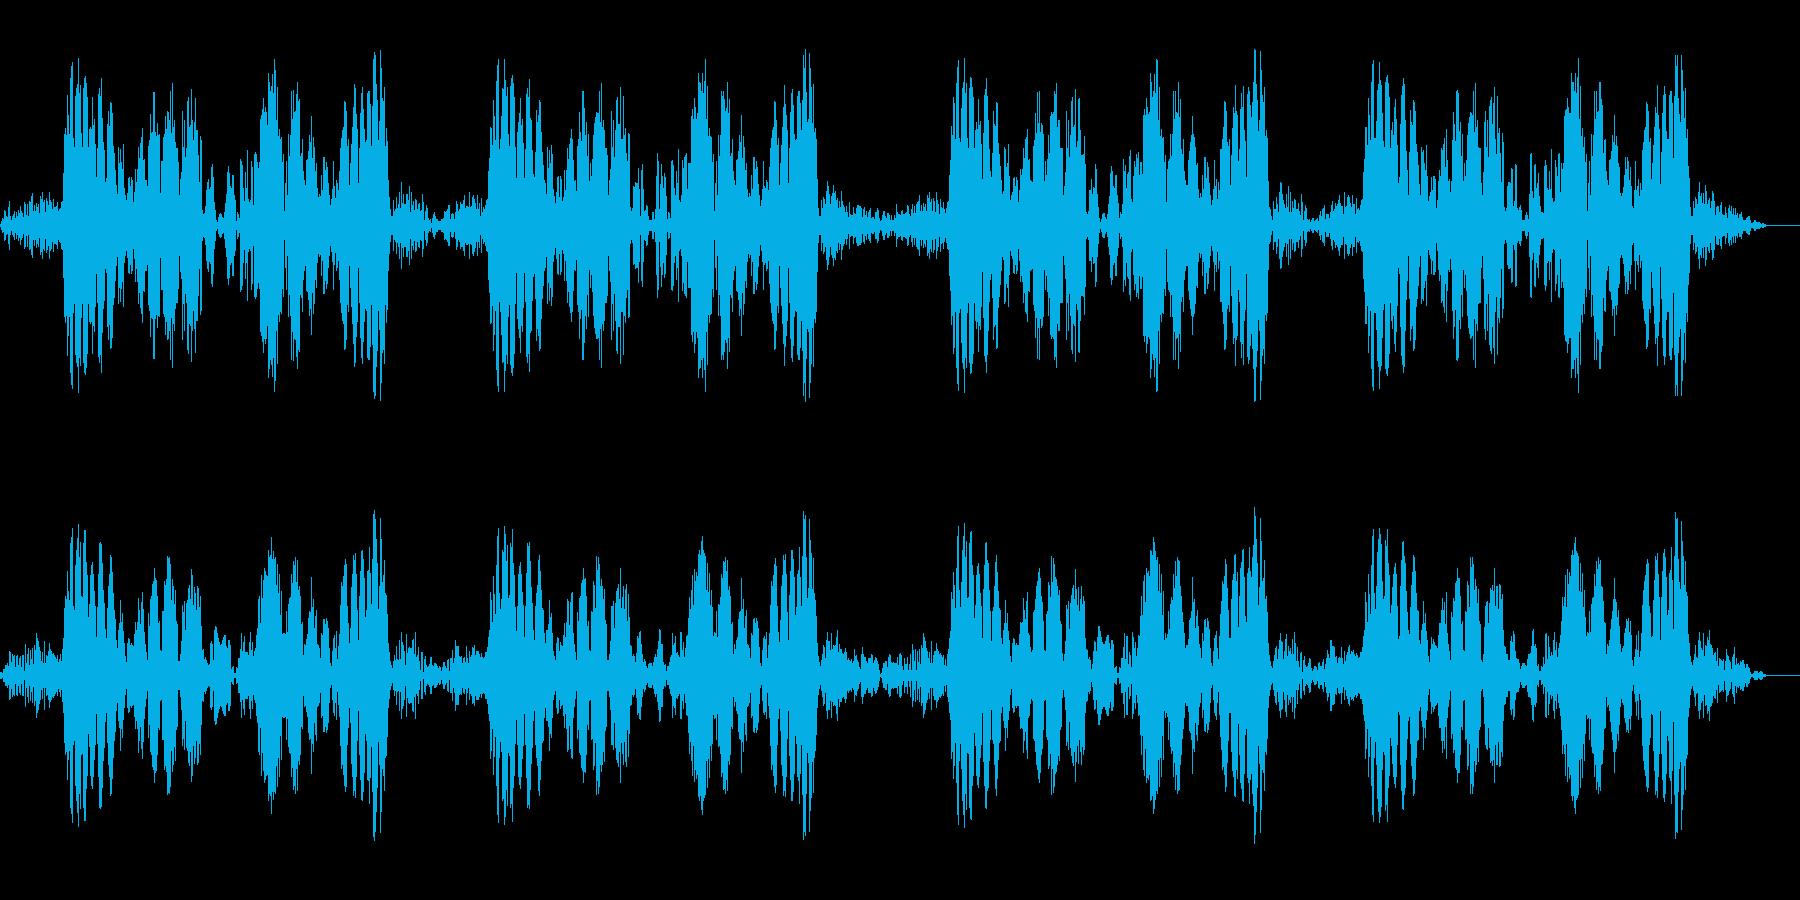 キュパ×4回(レコードスクラッチの音)の再生済みの波形